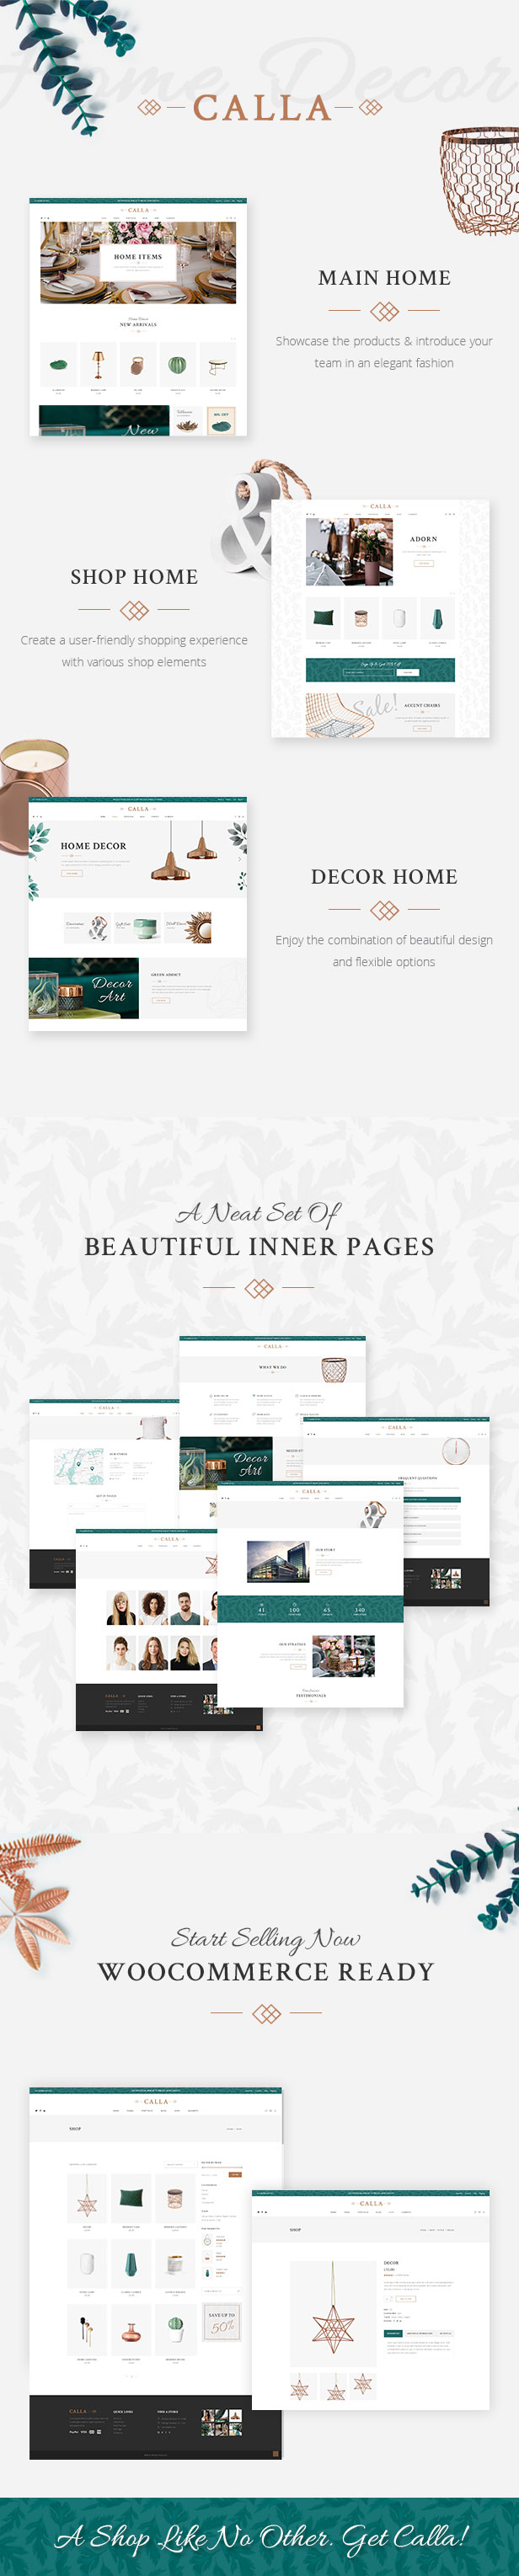 Calla - Elegant Home Decoration Shop - 1